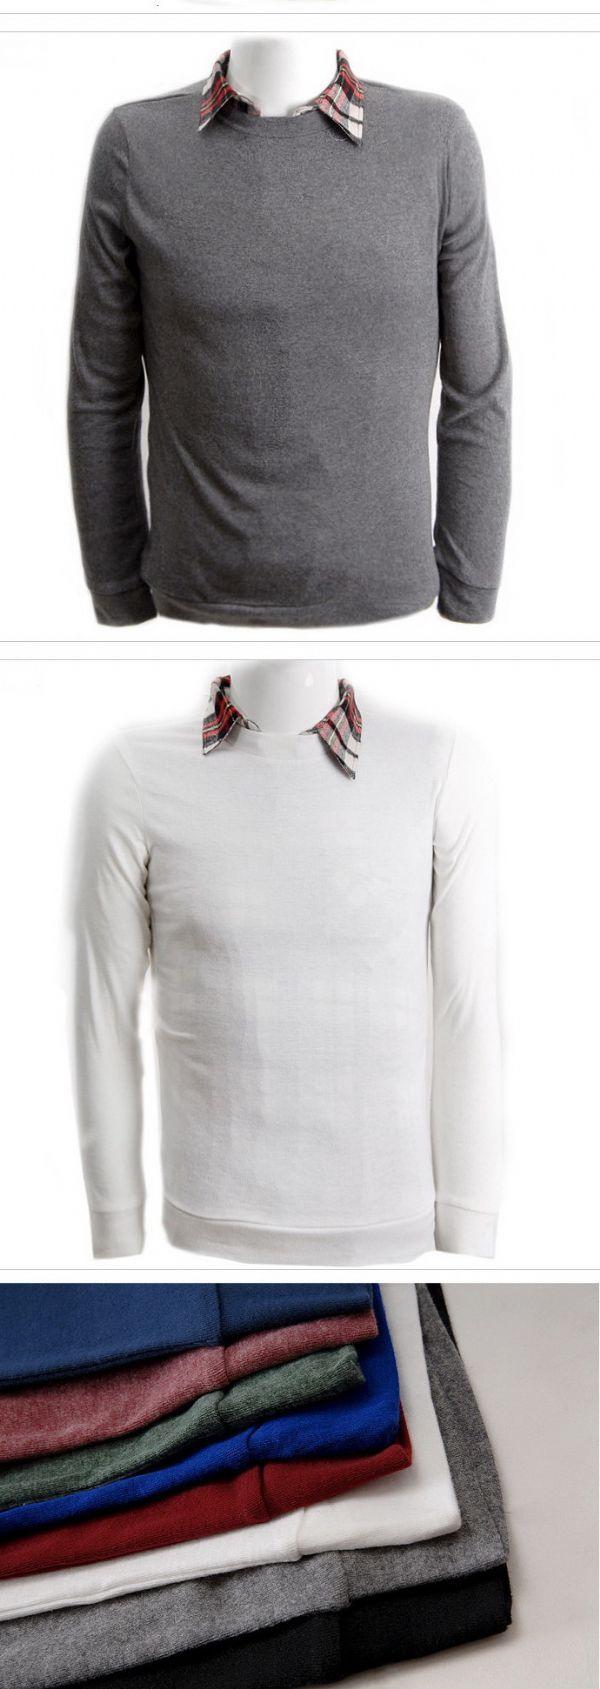 เสื้อกันหนาวผู้ชายพร้อมส่ง : สเวตเตอร์แขนยาวคอกลม slim style